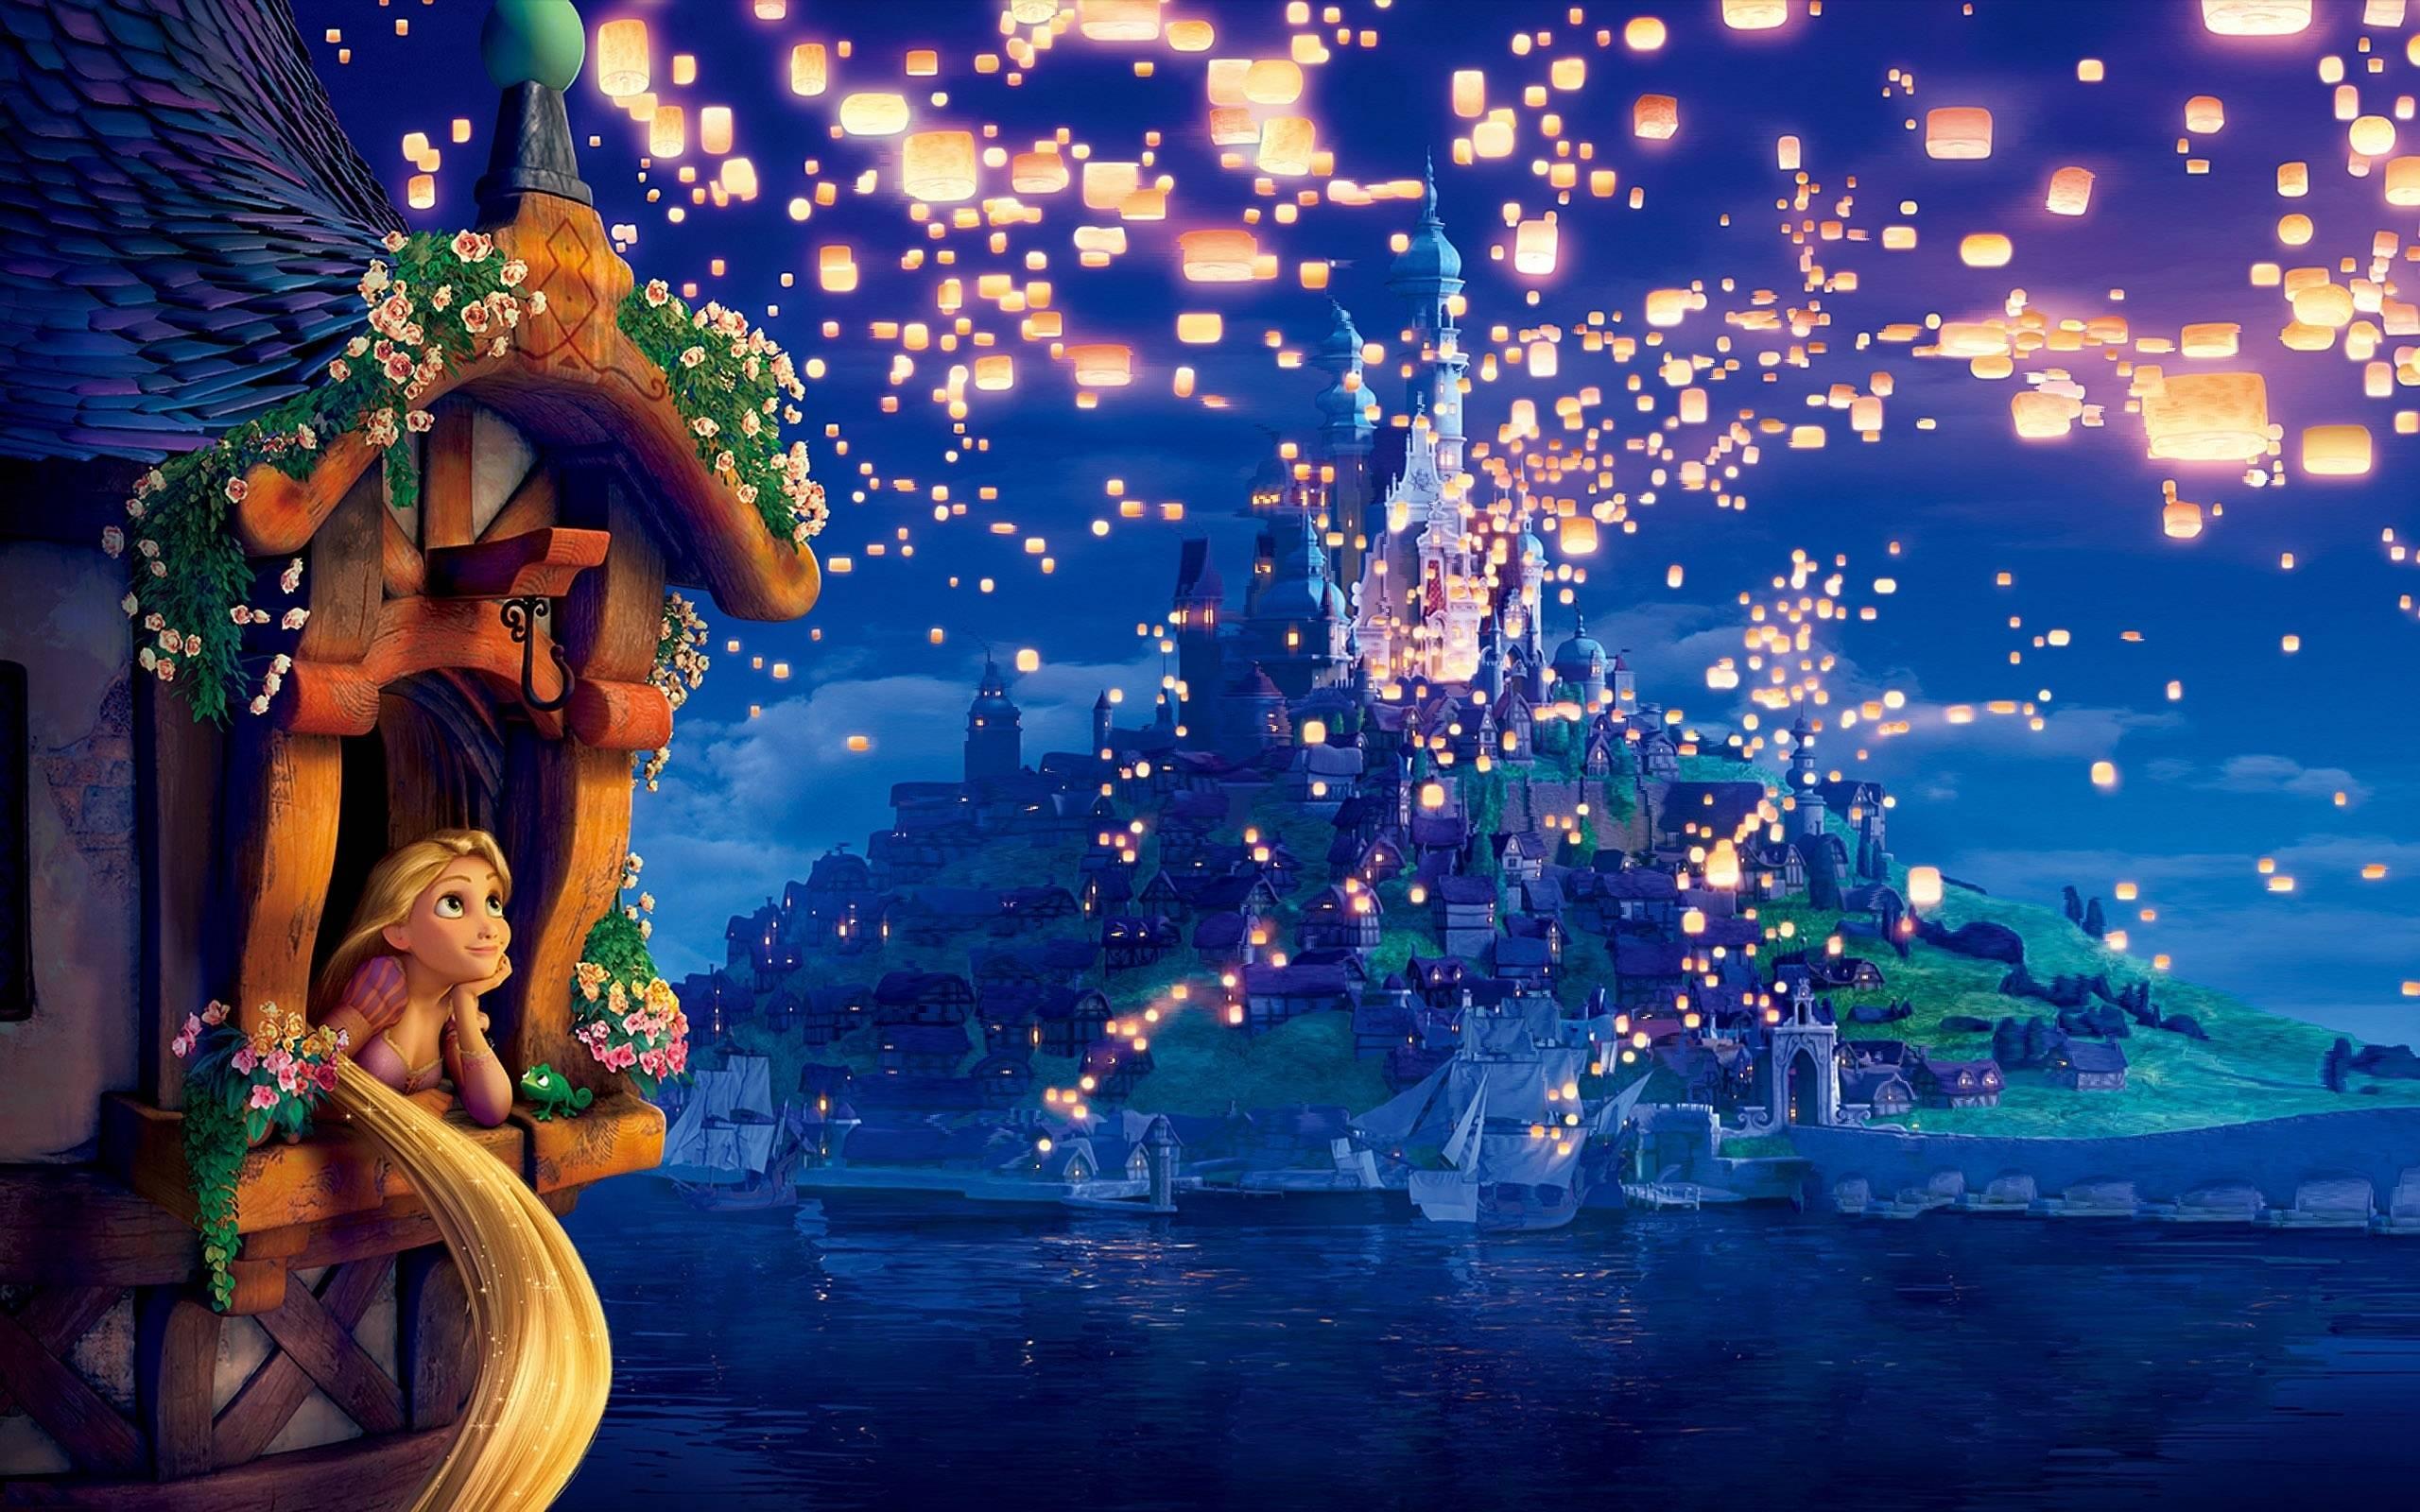 sam - Flynn and Rapunzel Wallpaper (33437295) - Fanpop